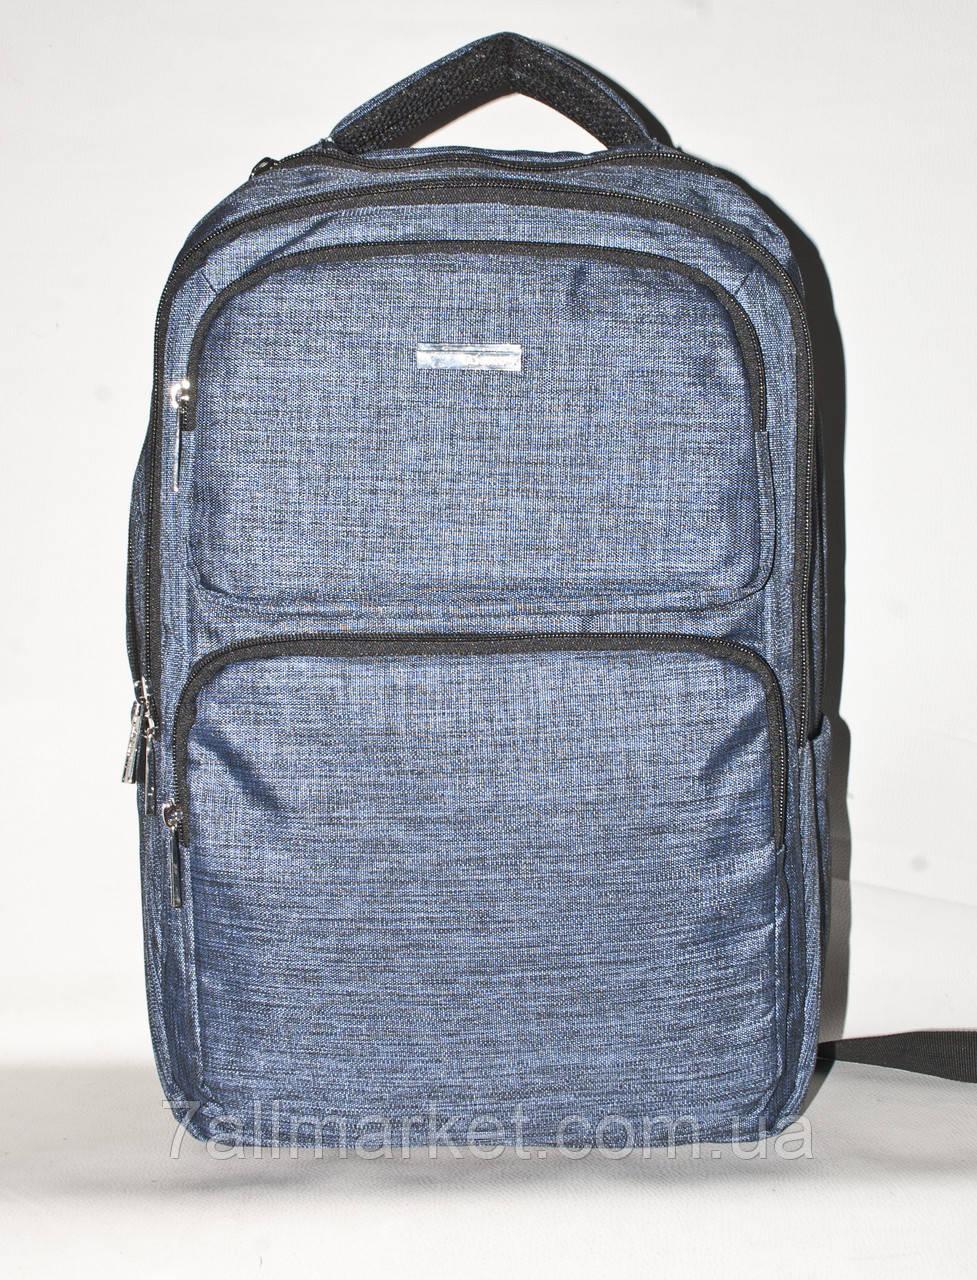 65ccb277cda1 Рюкзак модный с карманом для ноутбука, размер 47*33*16 см Серии ...